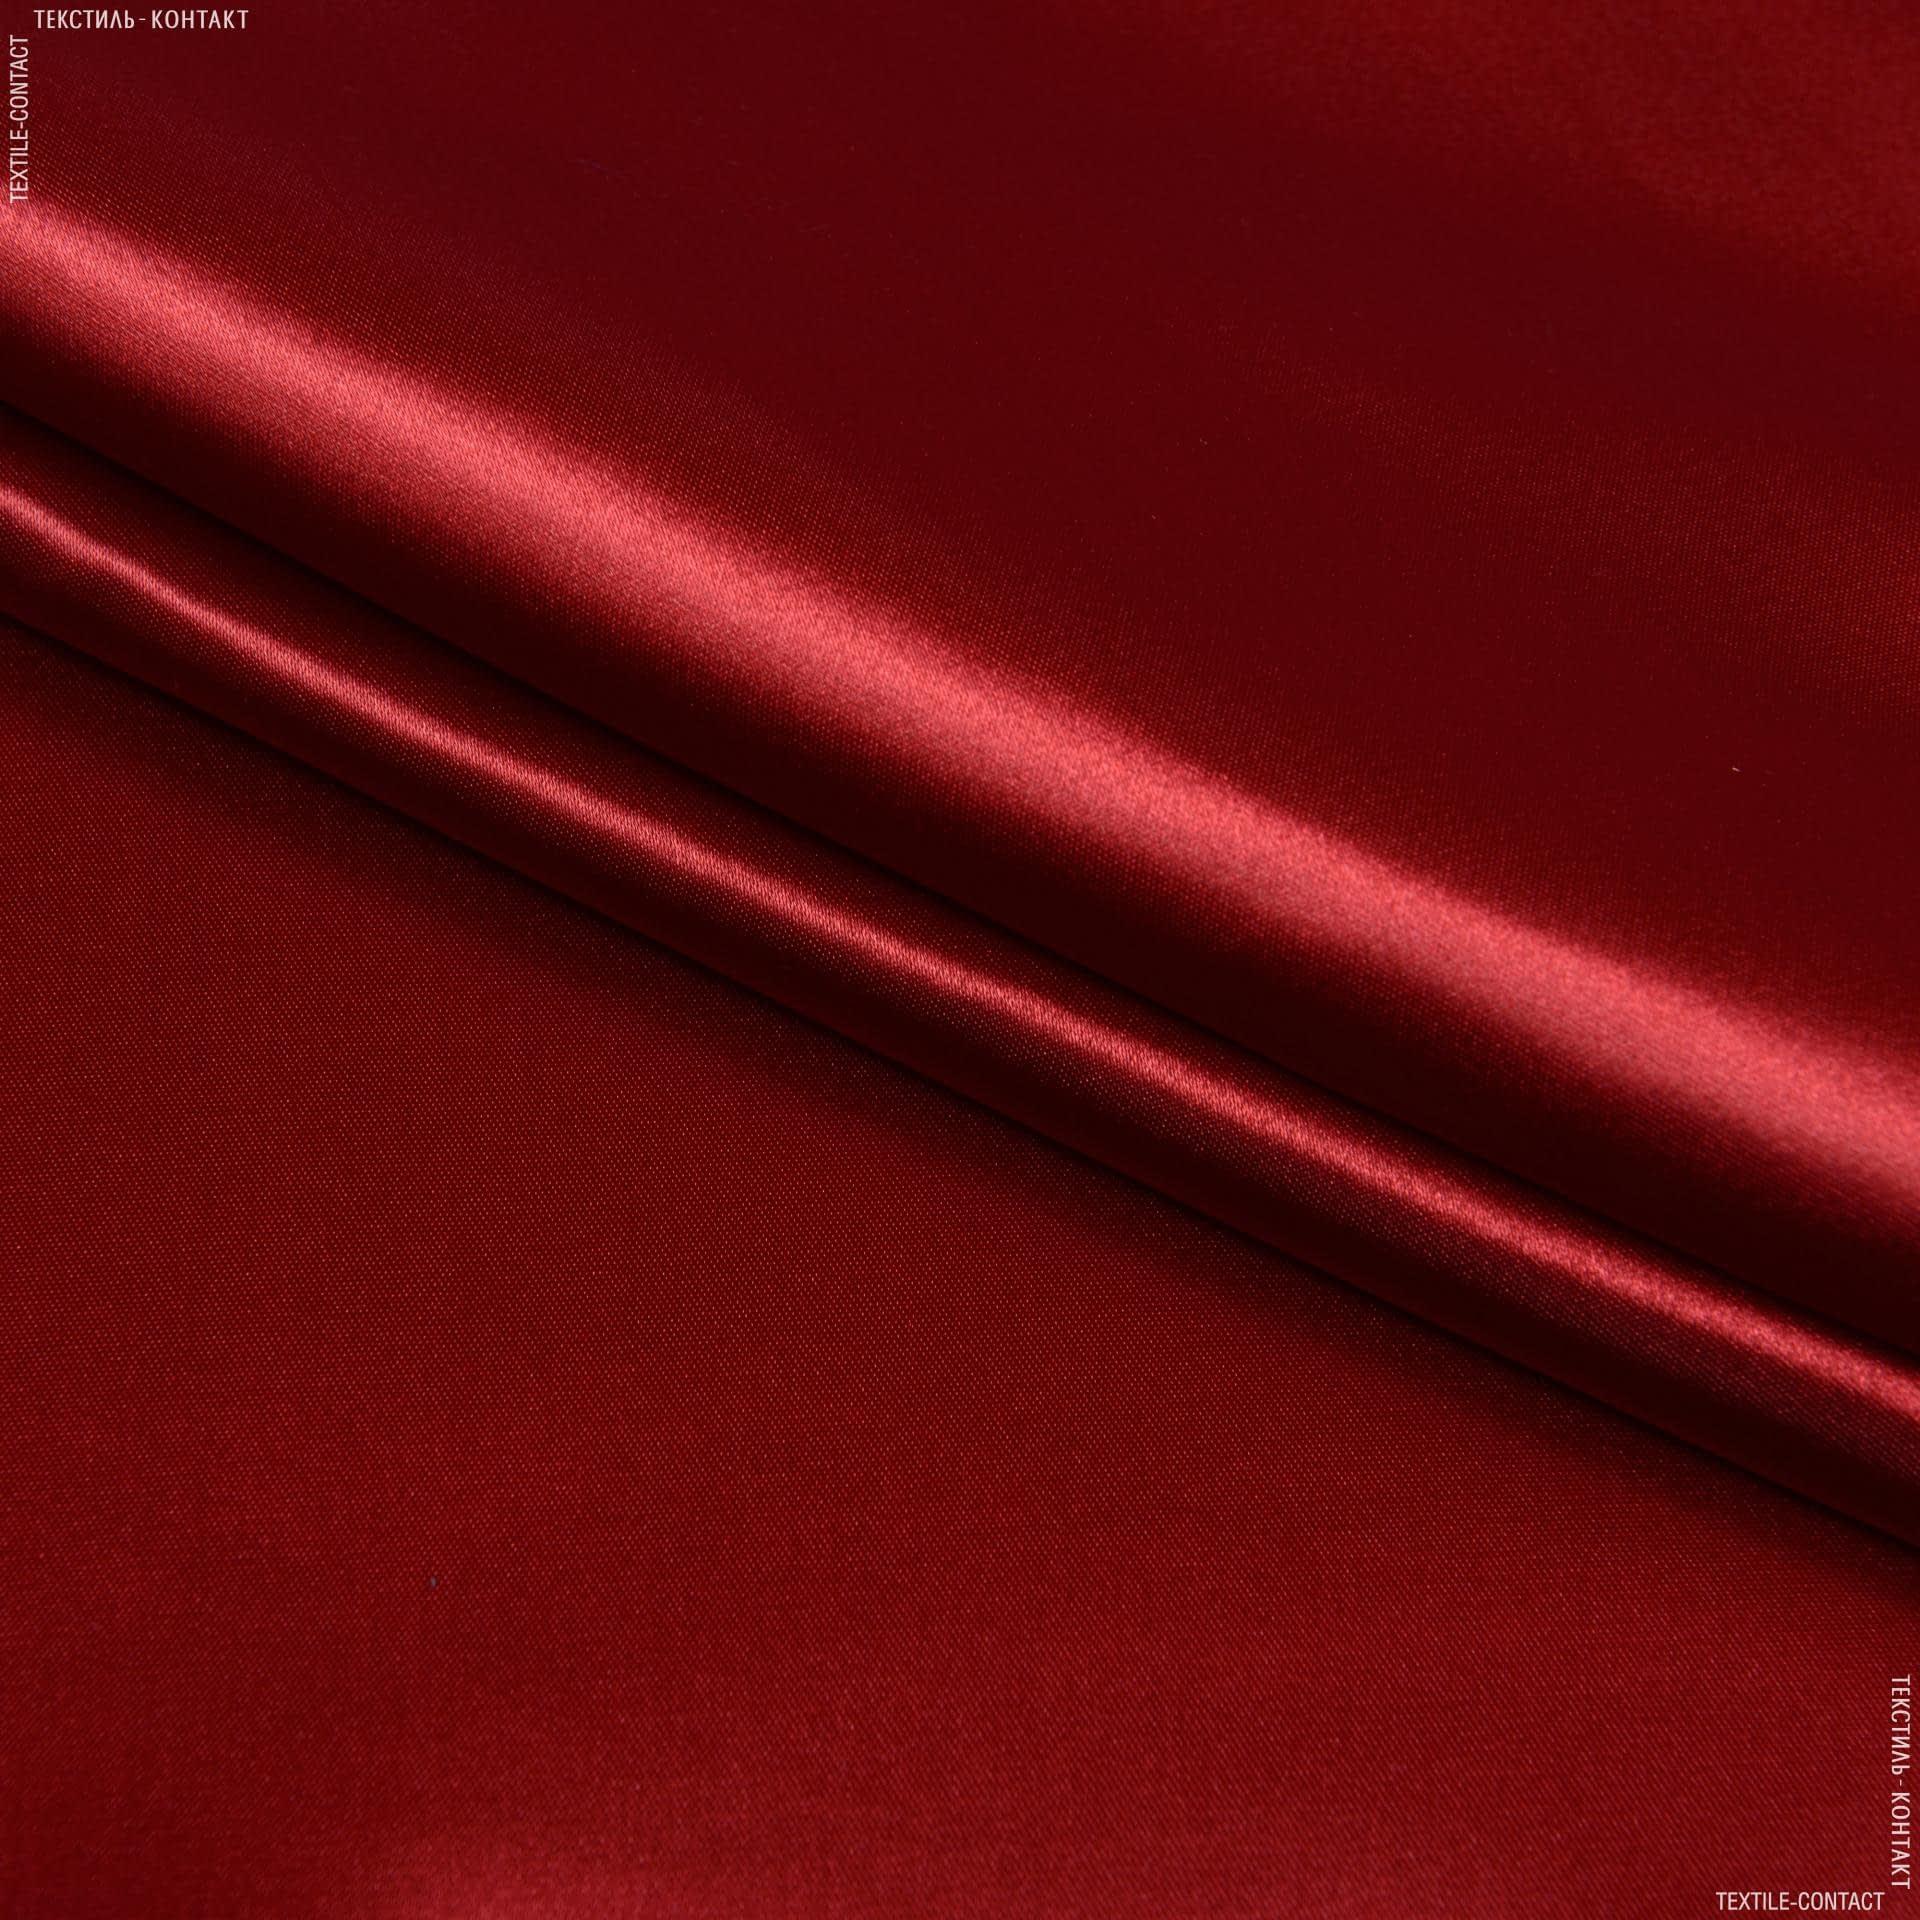 Ткани для платков и бандан - Атлас плотный темно-красный